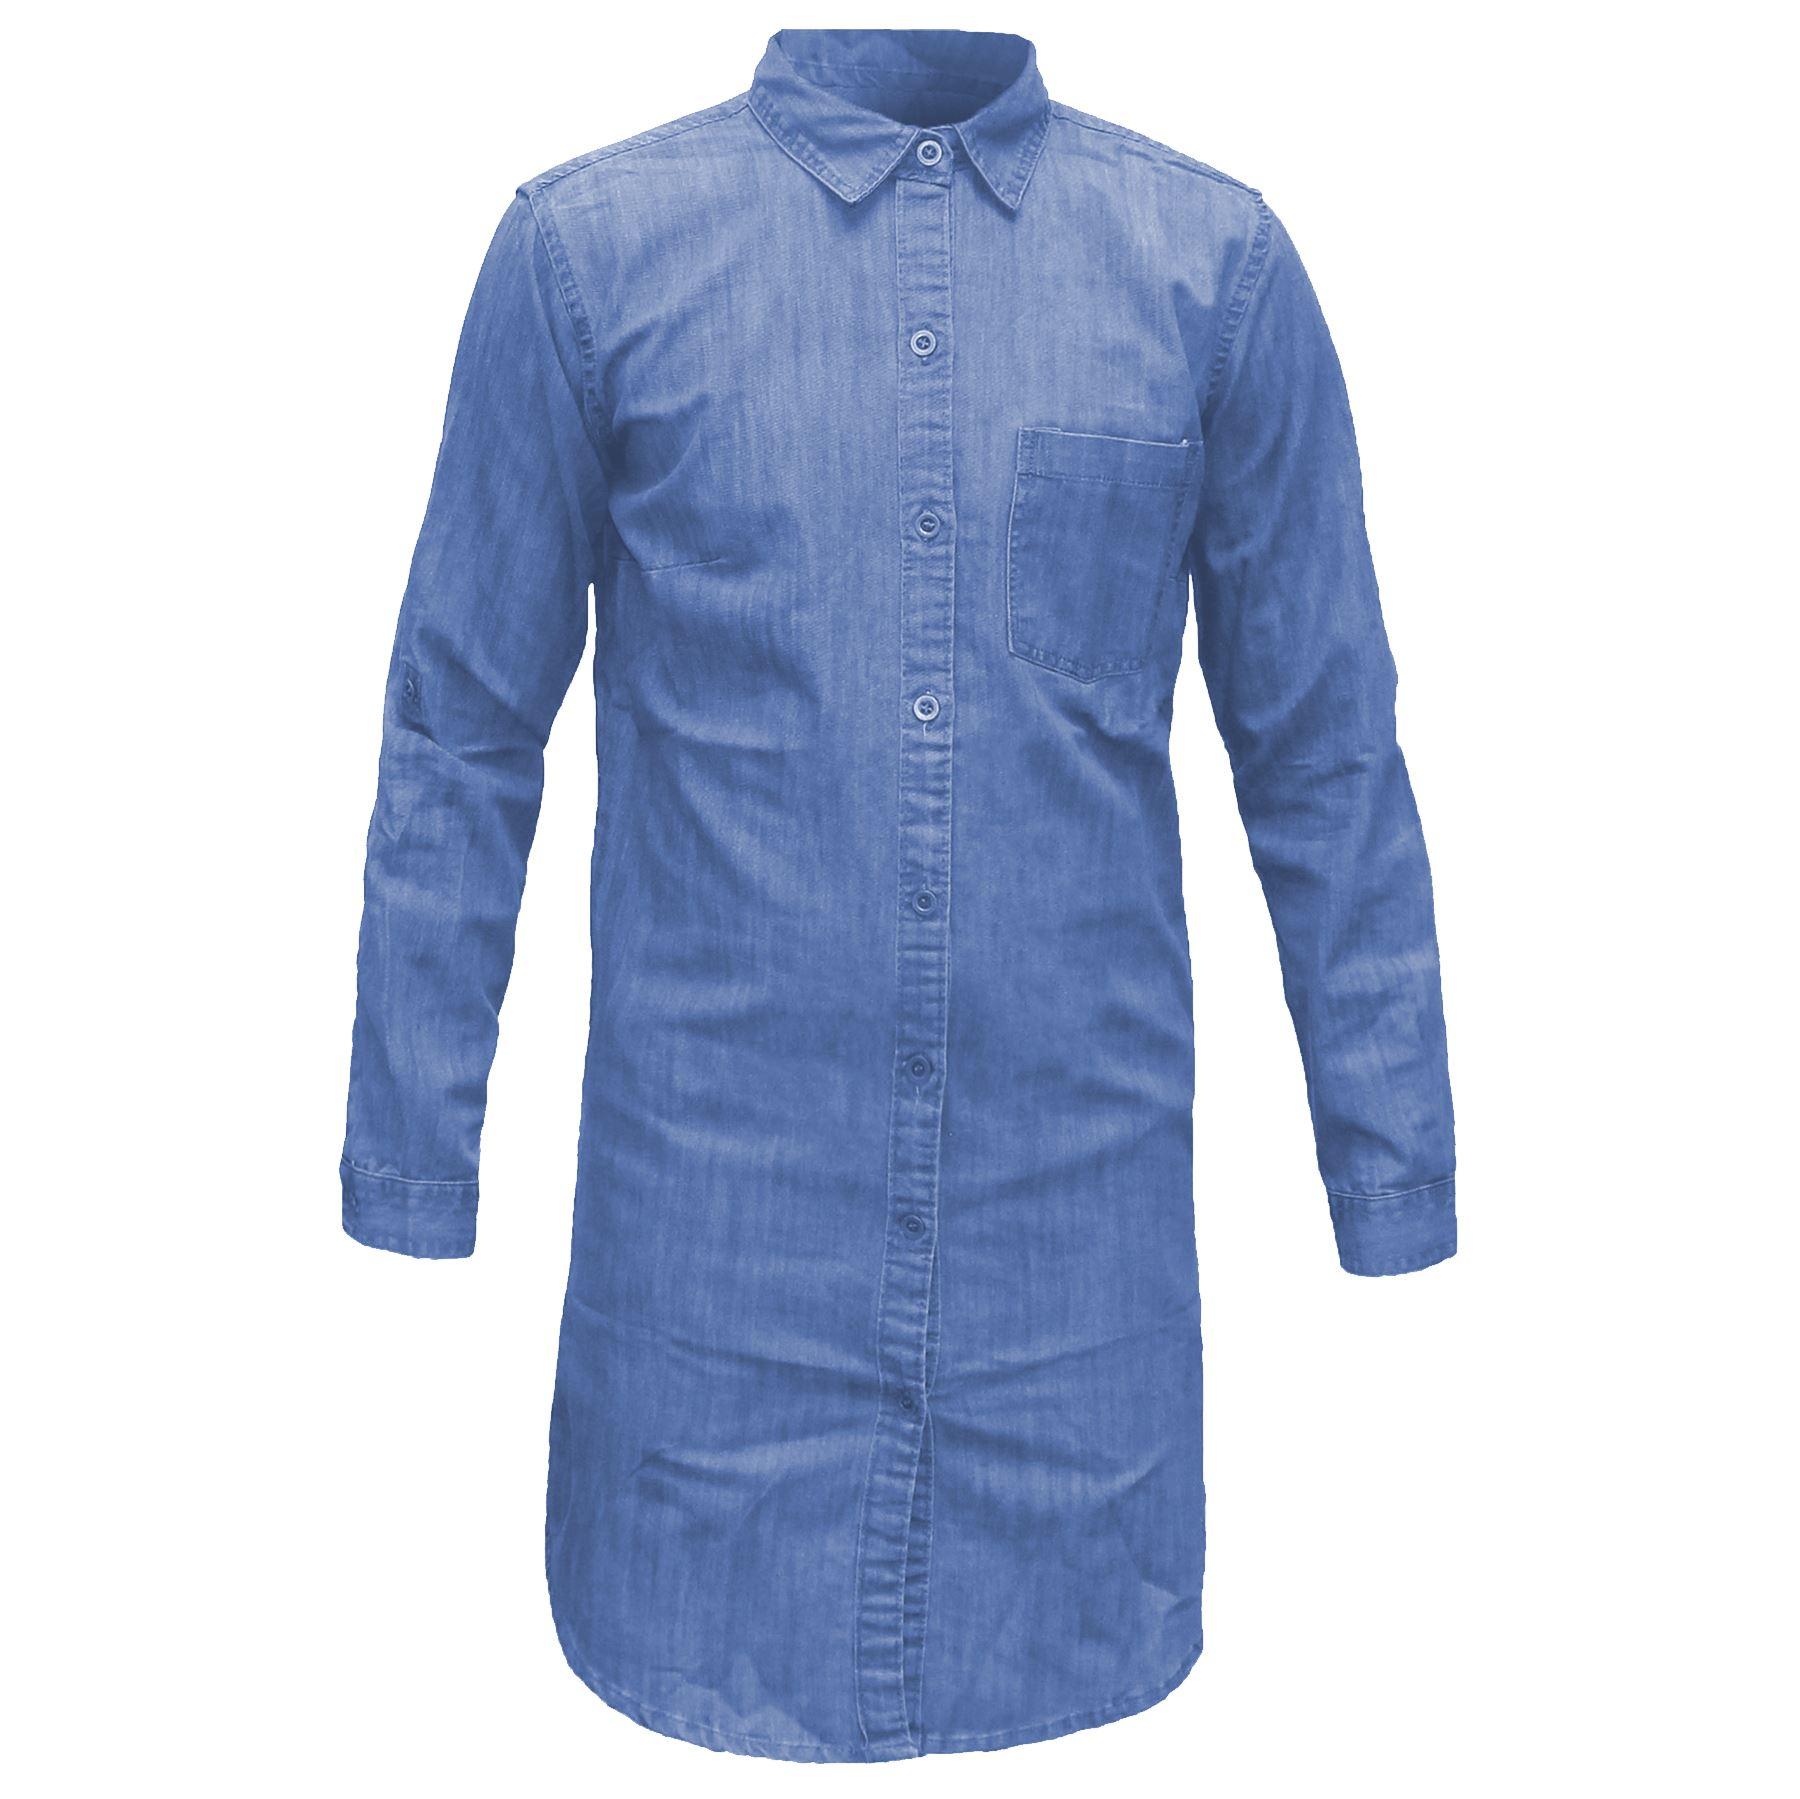 Womens-Denim-Long-Top-T-Shirt-Ladies-Casual-Mini-Dress-Long-Sleeve-Blouse